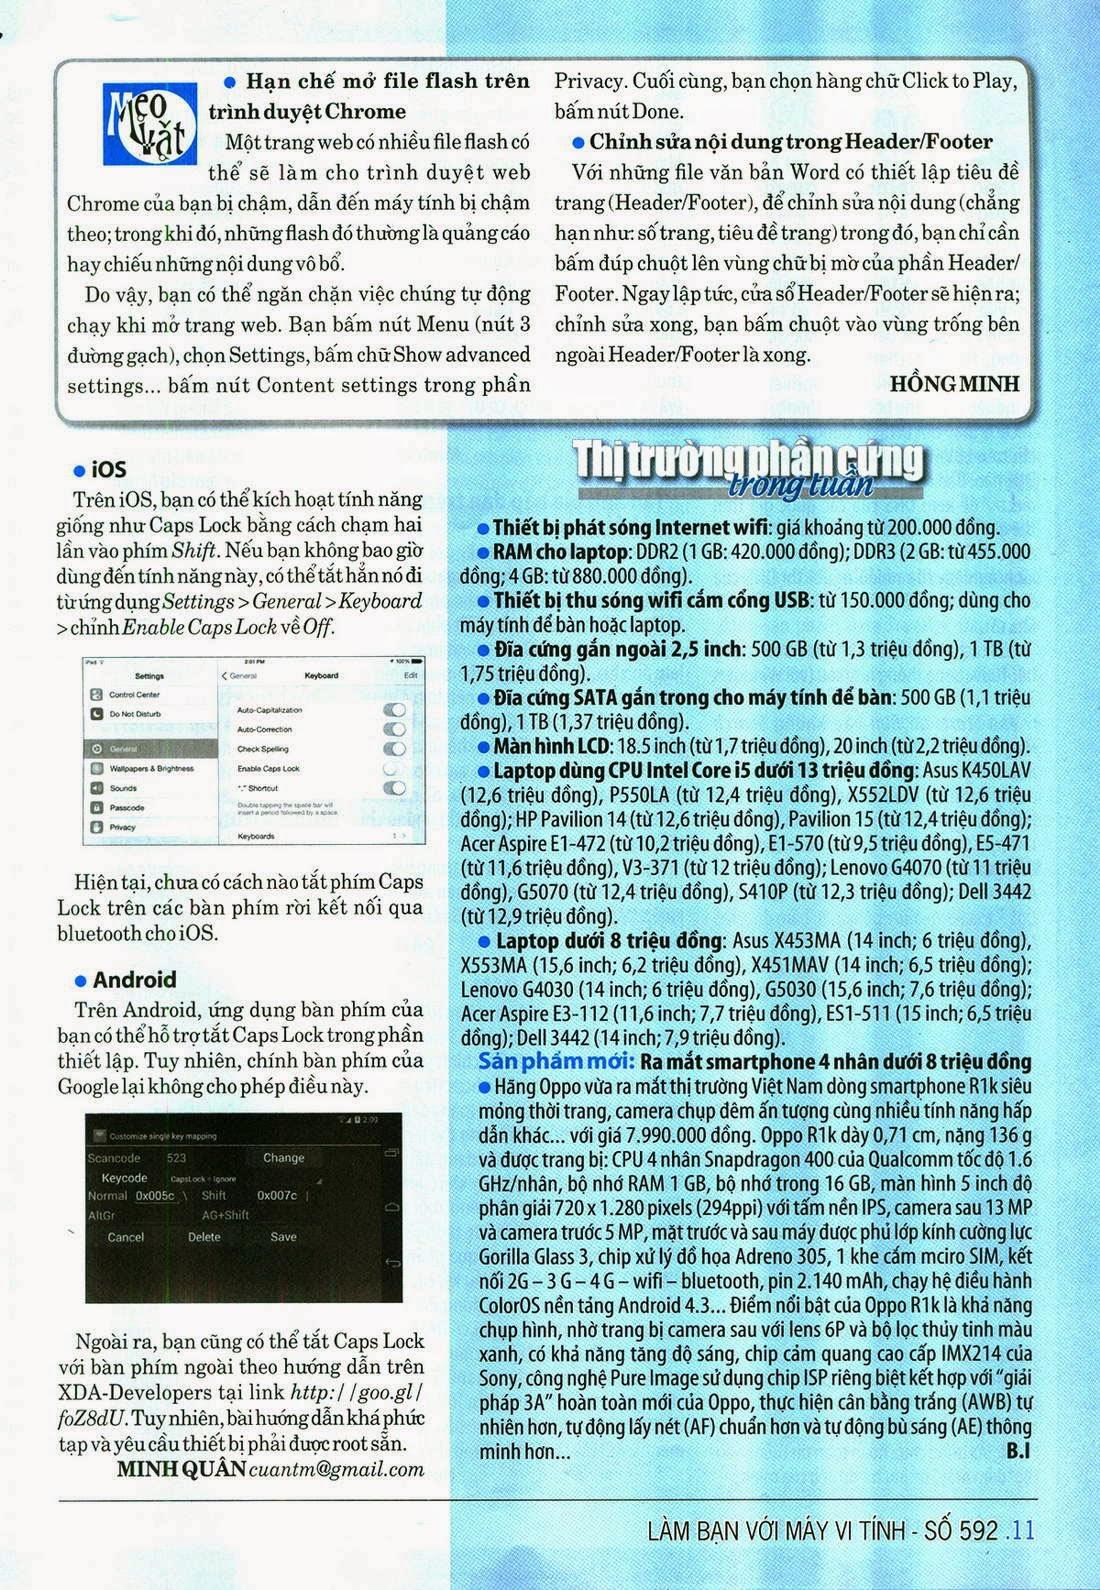 Làm Bạn Với Máy Vi Tính – 592 - tapchicntt.com